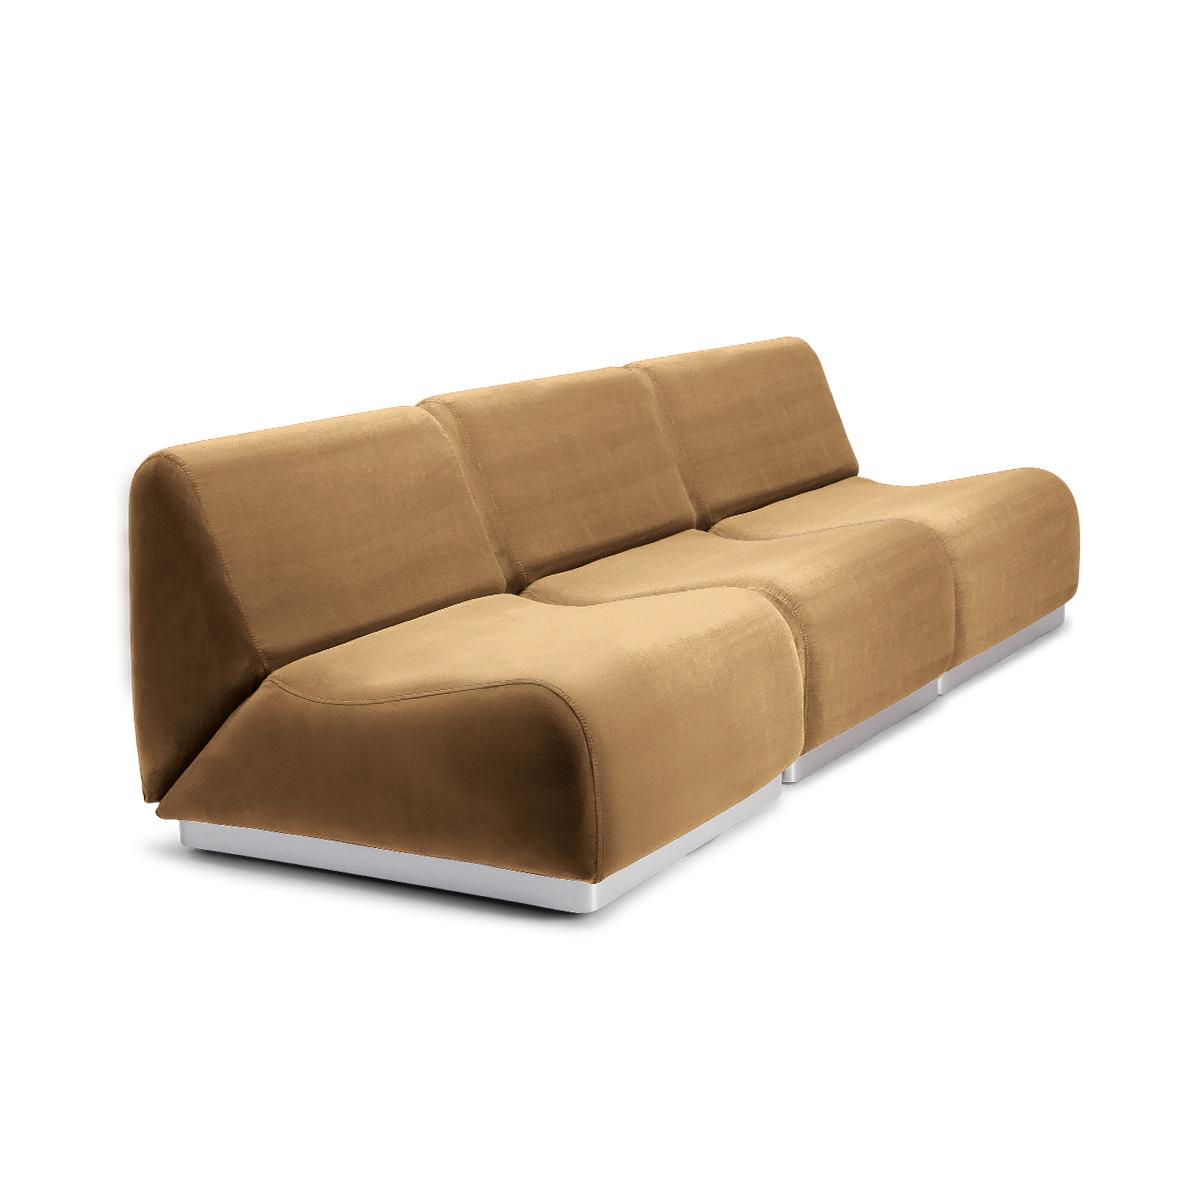 Rotondo Modular Sofa in Cappuccino Velvet